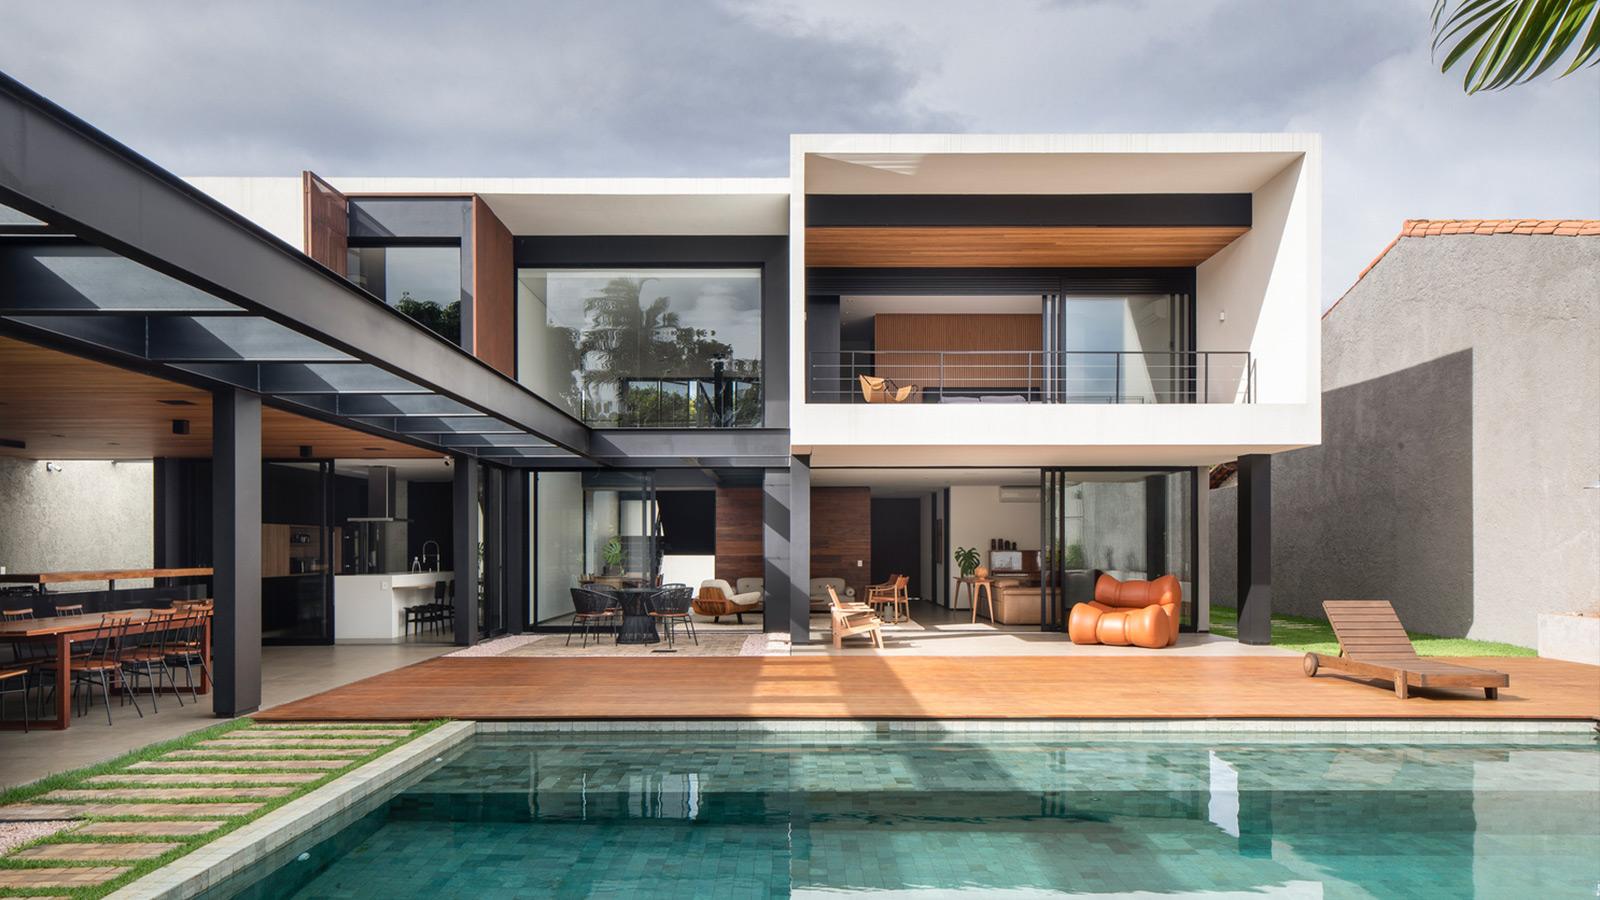 GA House by Esquadra Arquitetos